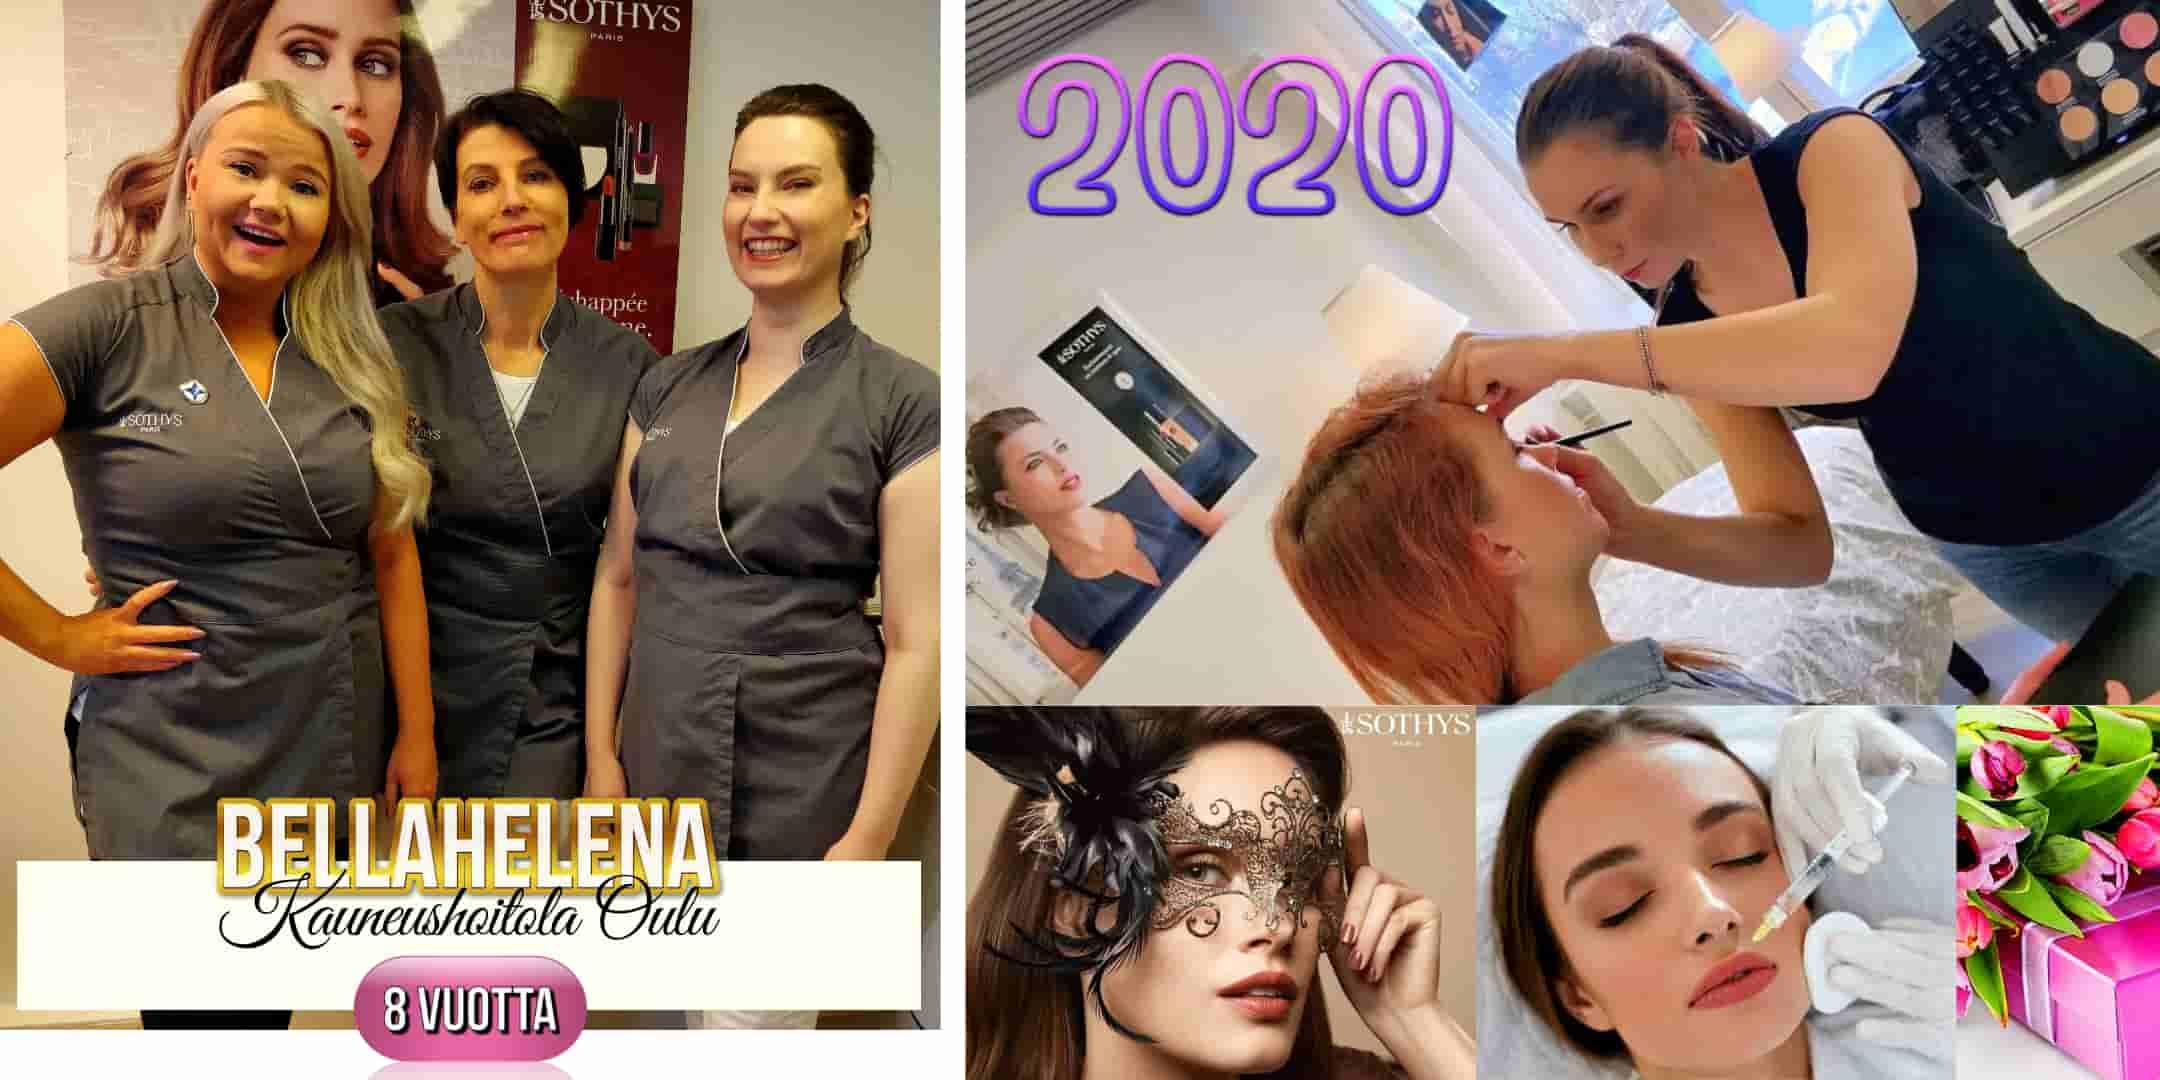 Kauneushoitola BellaHelena Oulu 8 Vuotta Perjantaina 30.10.2020 kaksi meikkaajaa